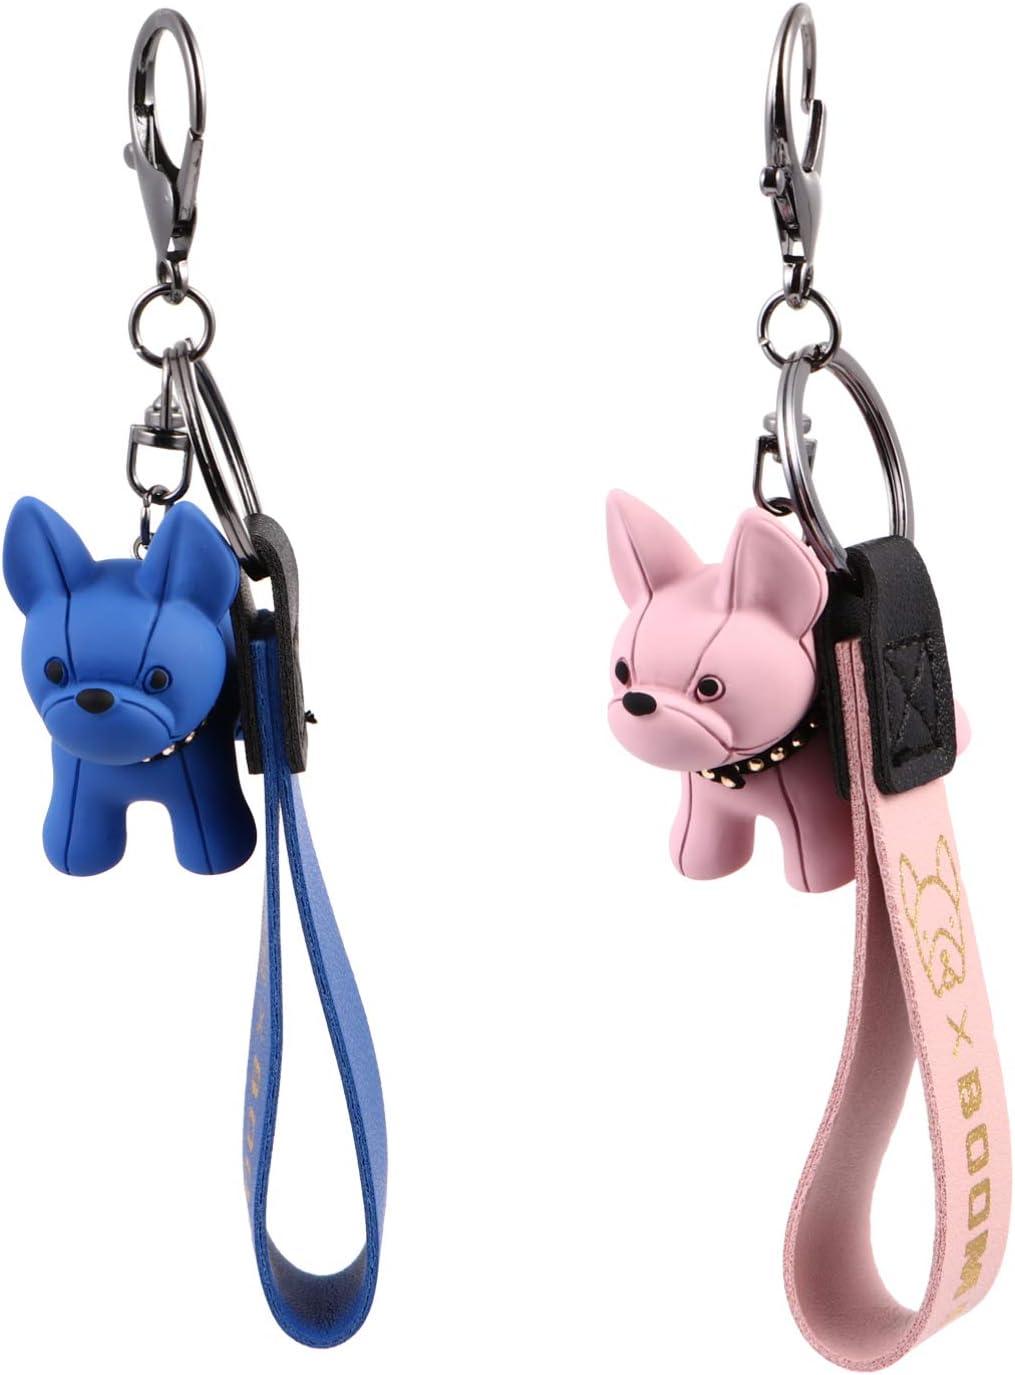 breloques Mini mignon sac /à dos bleu Style kawaii porte-cl/és portefeuille Amosfun Lot de 2 porte-cl/és bouledogue fran/çais Pour voiture